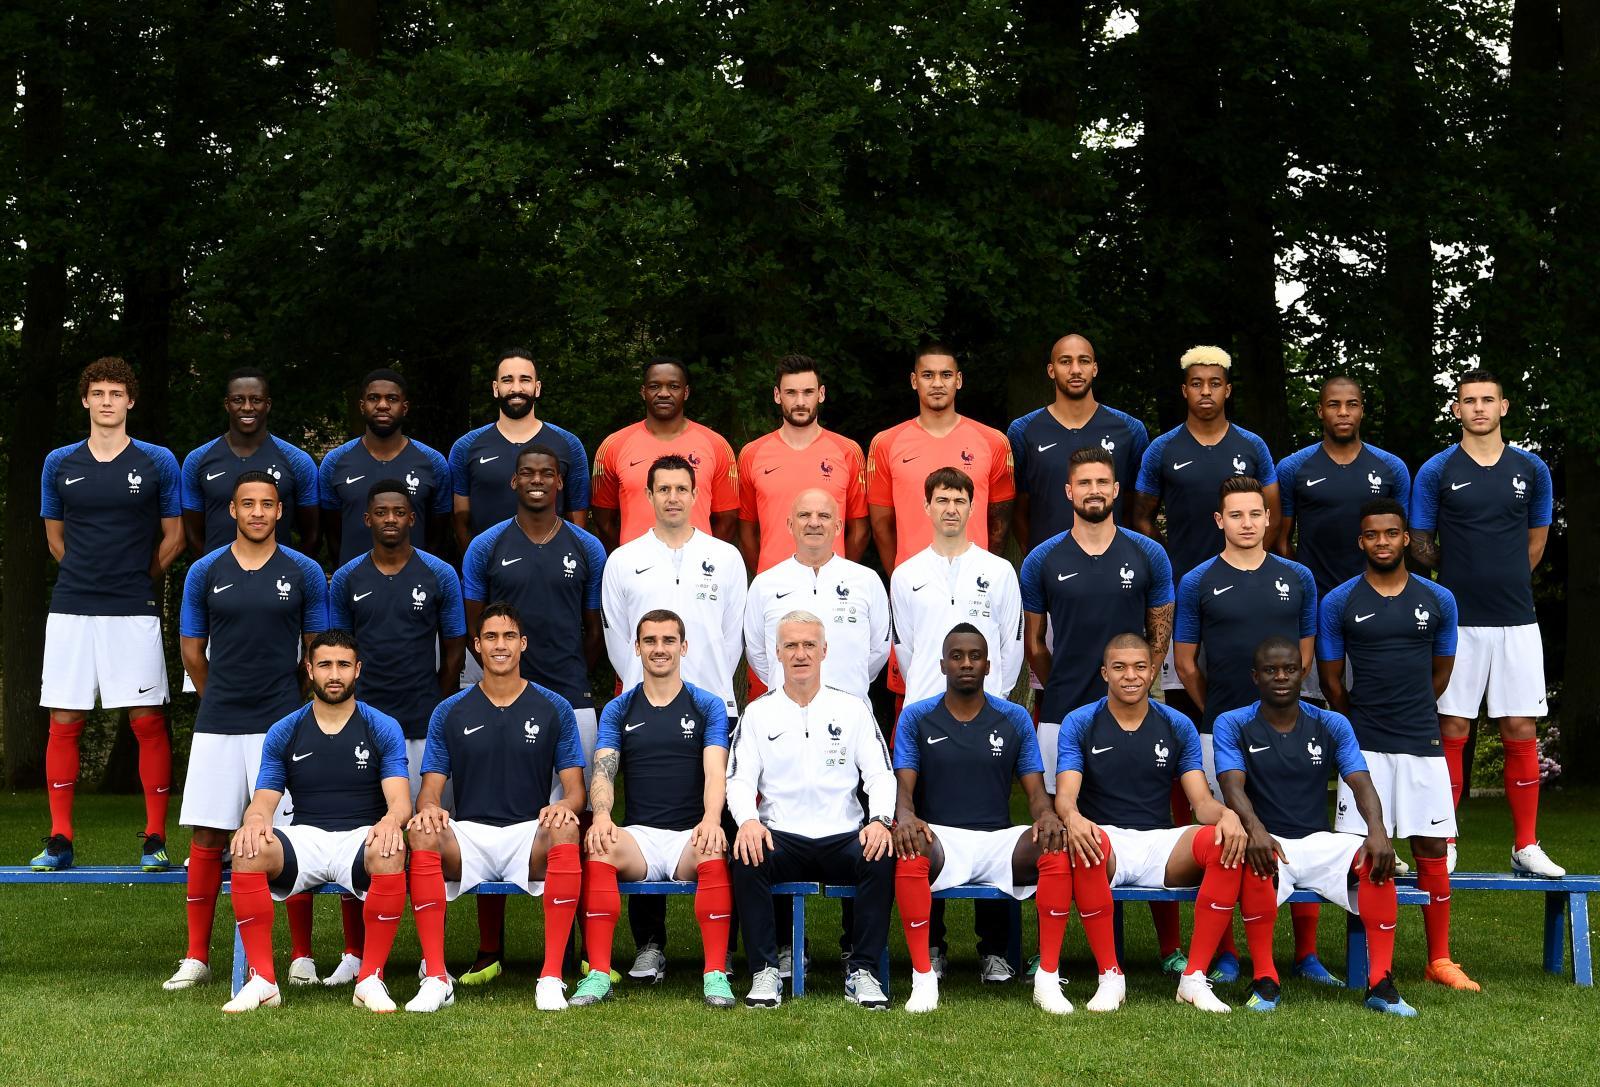 กรุ๊ป C  ฝรั่งเศสลอยลำมีลุ้นถึงแชมป์โลก พร้อมรายชื่อนักเตะ 23 คน